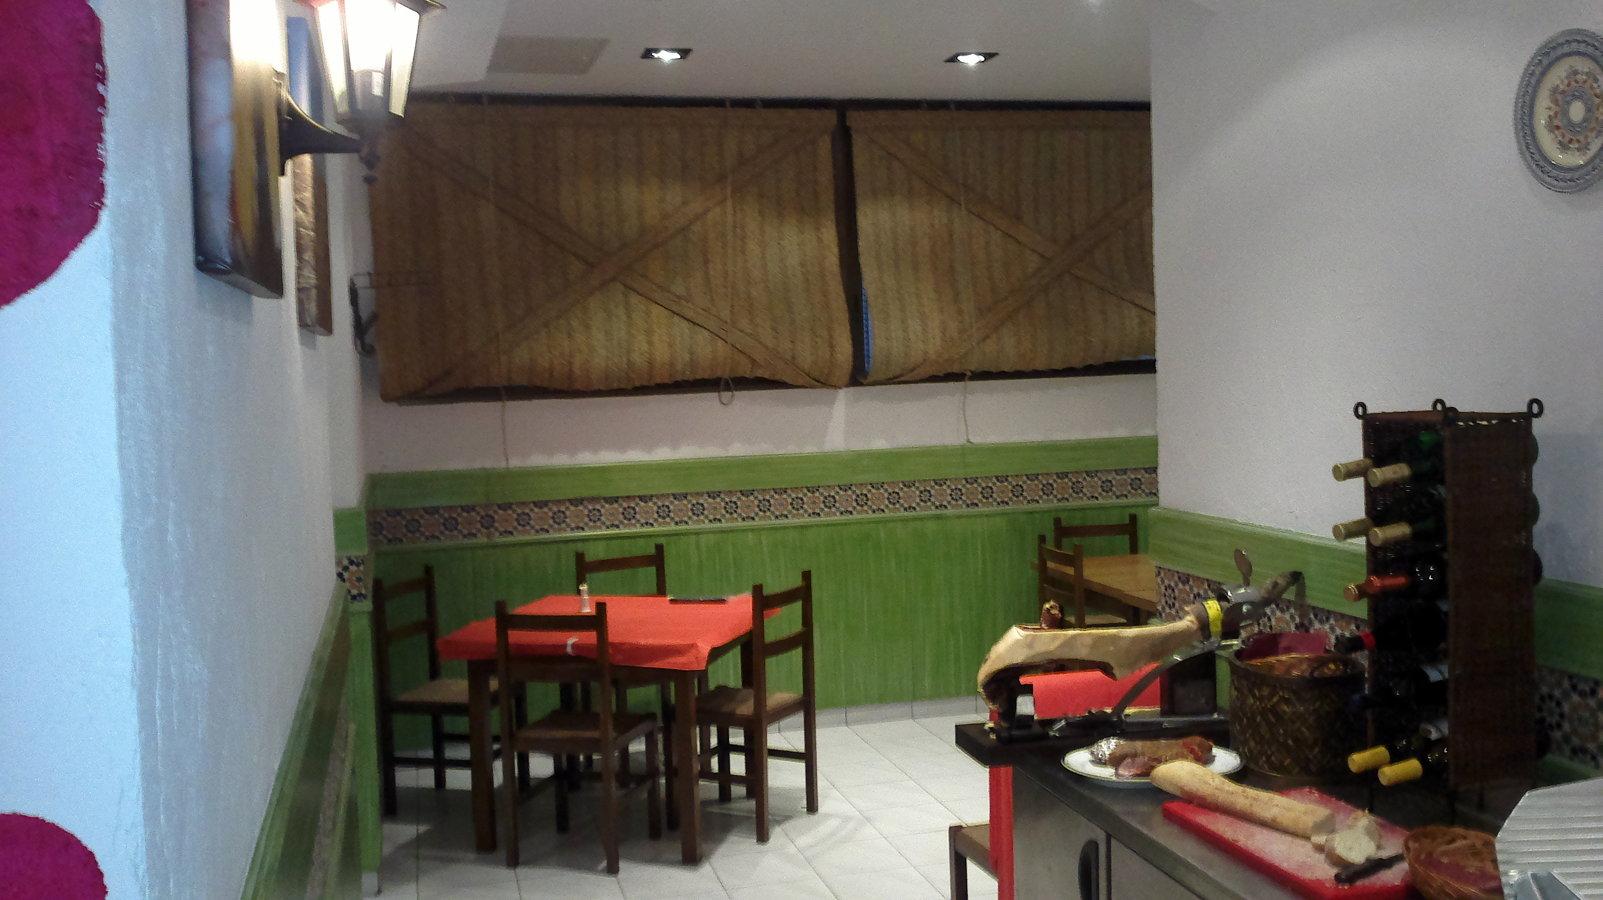 Local en bilbao proyectos decoradores - Decoracion en bilbao ...